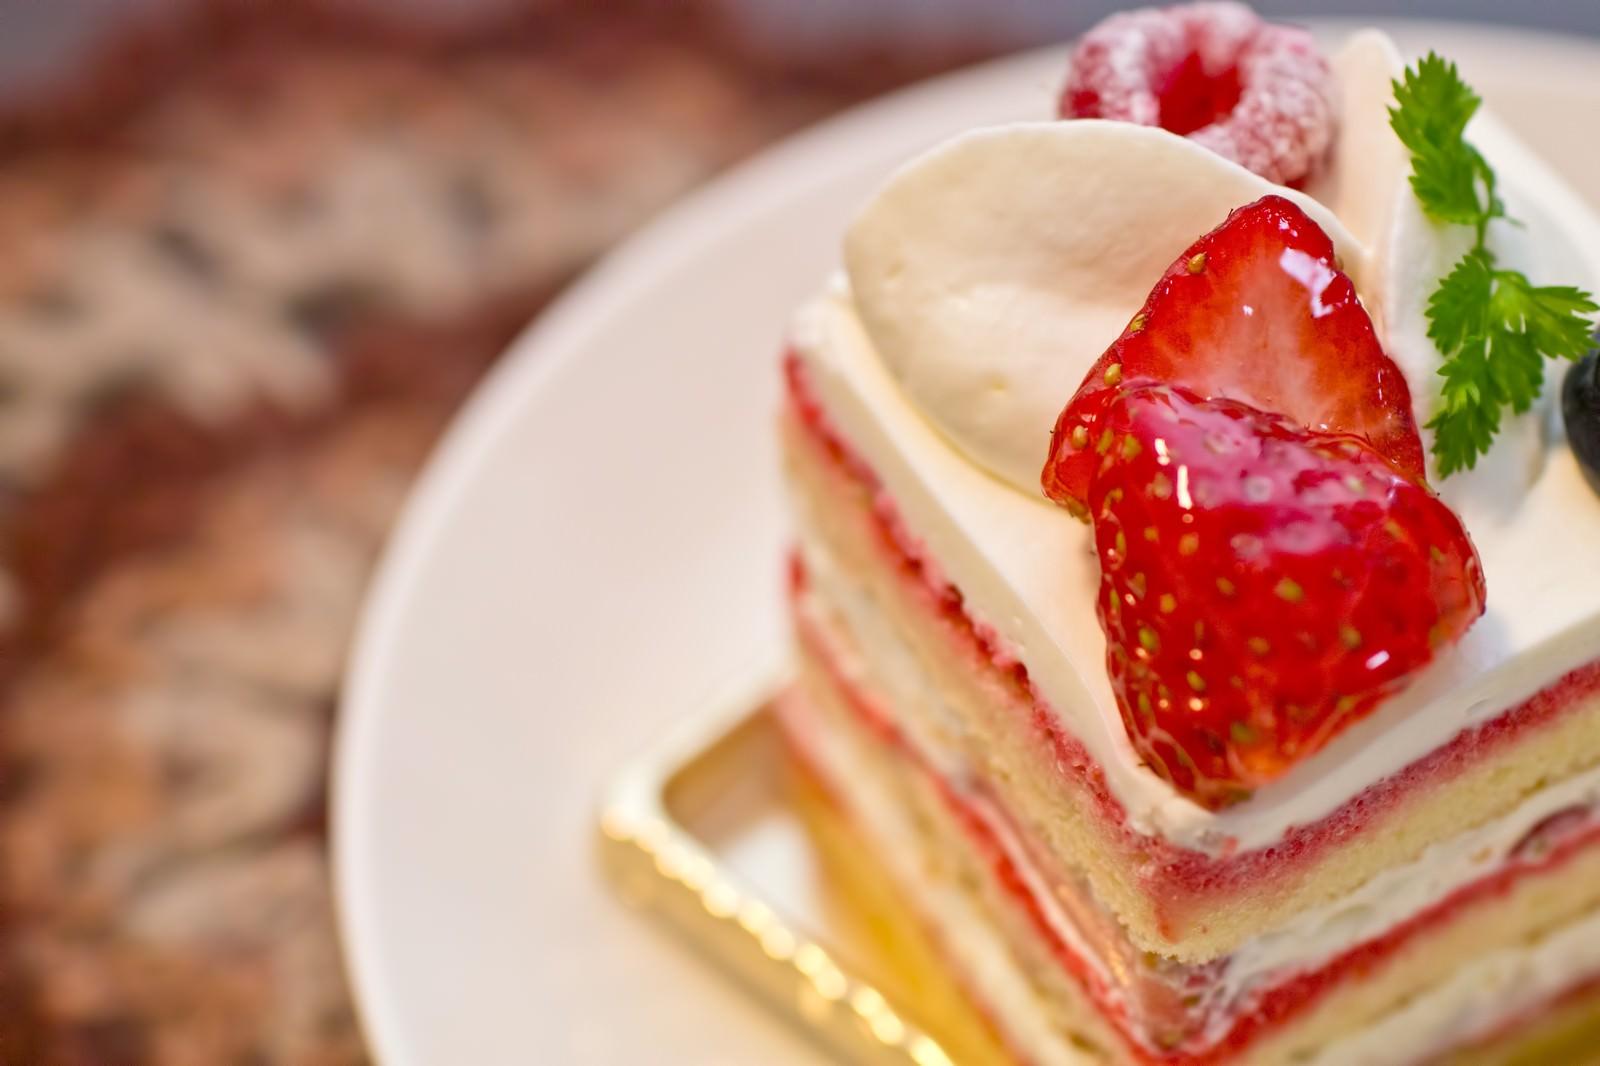 「四角い苺のショートケーキ」の写真